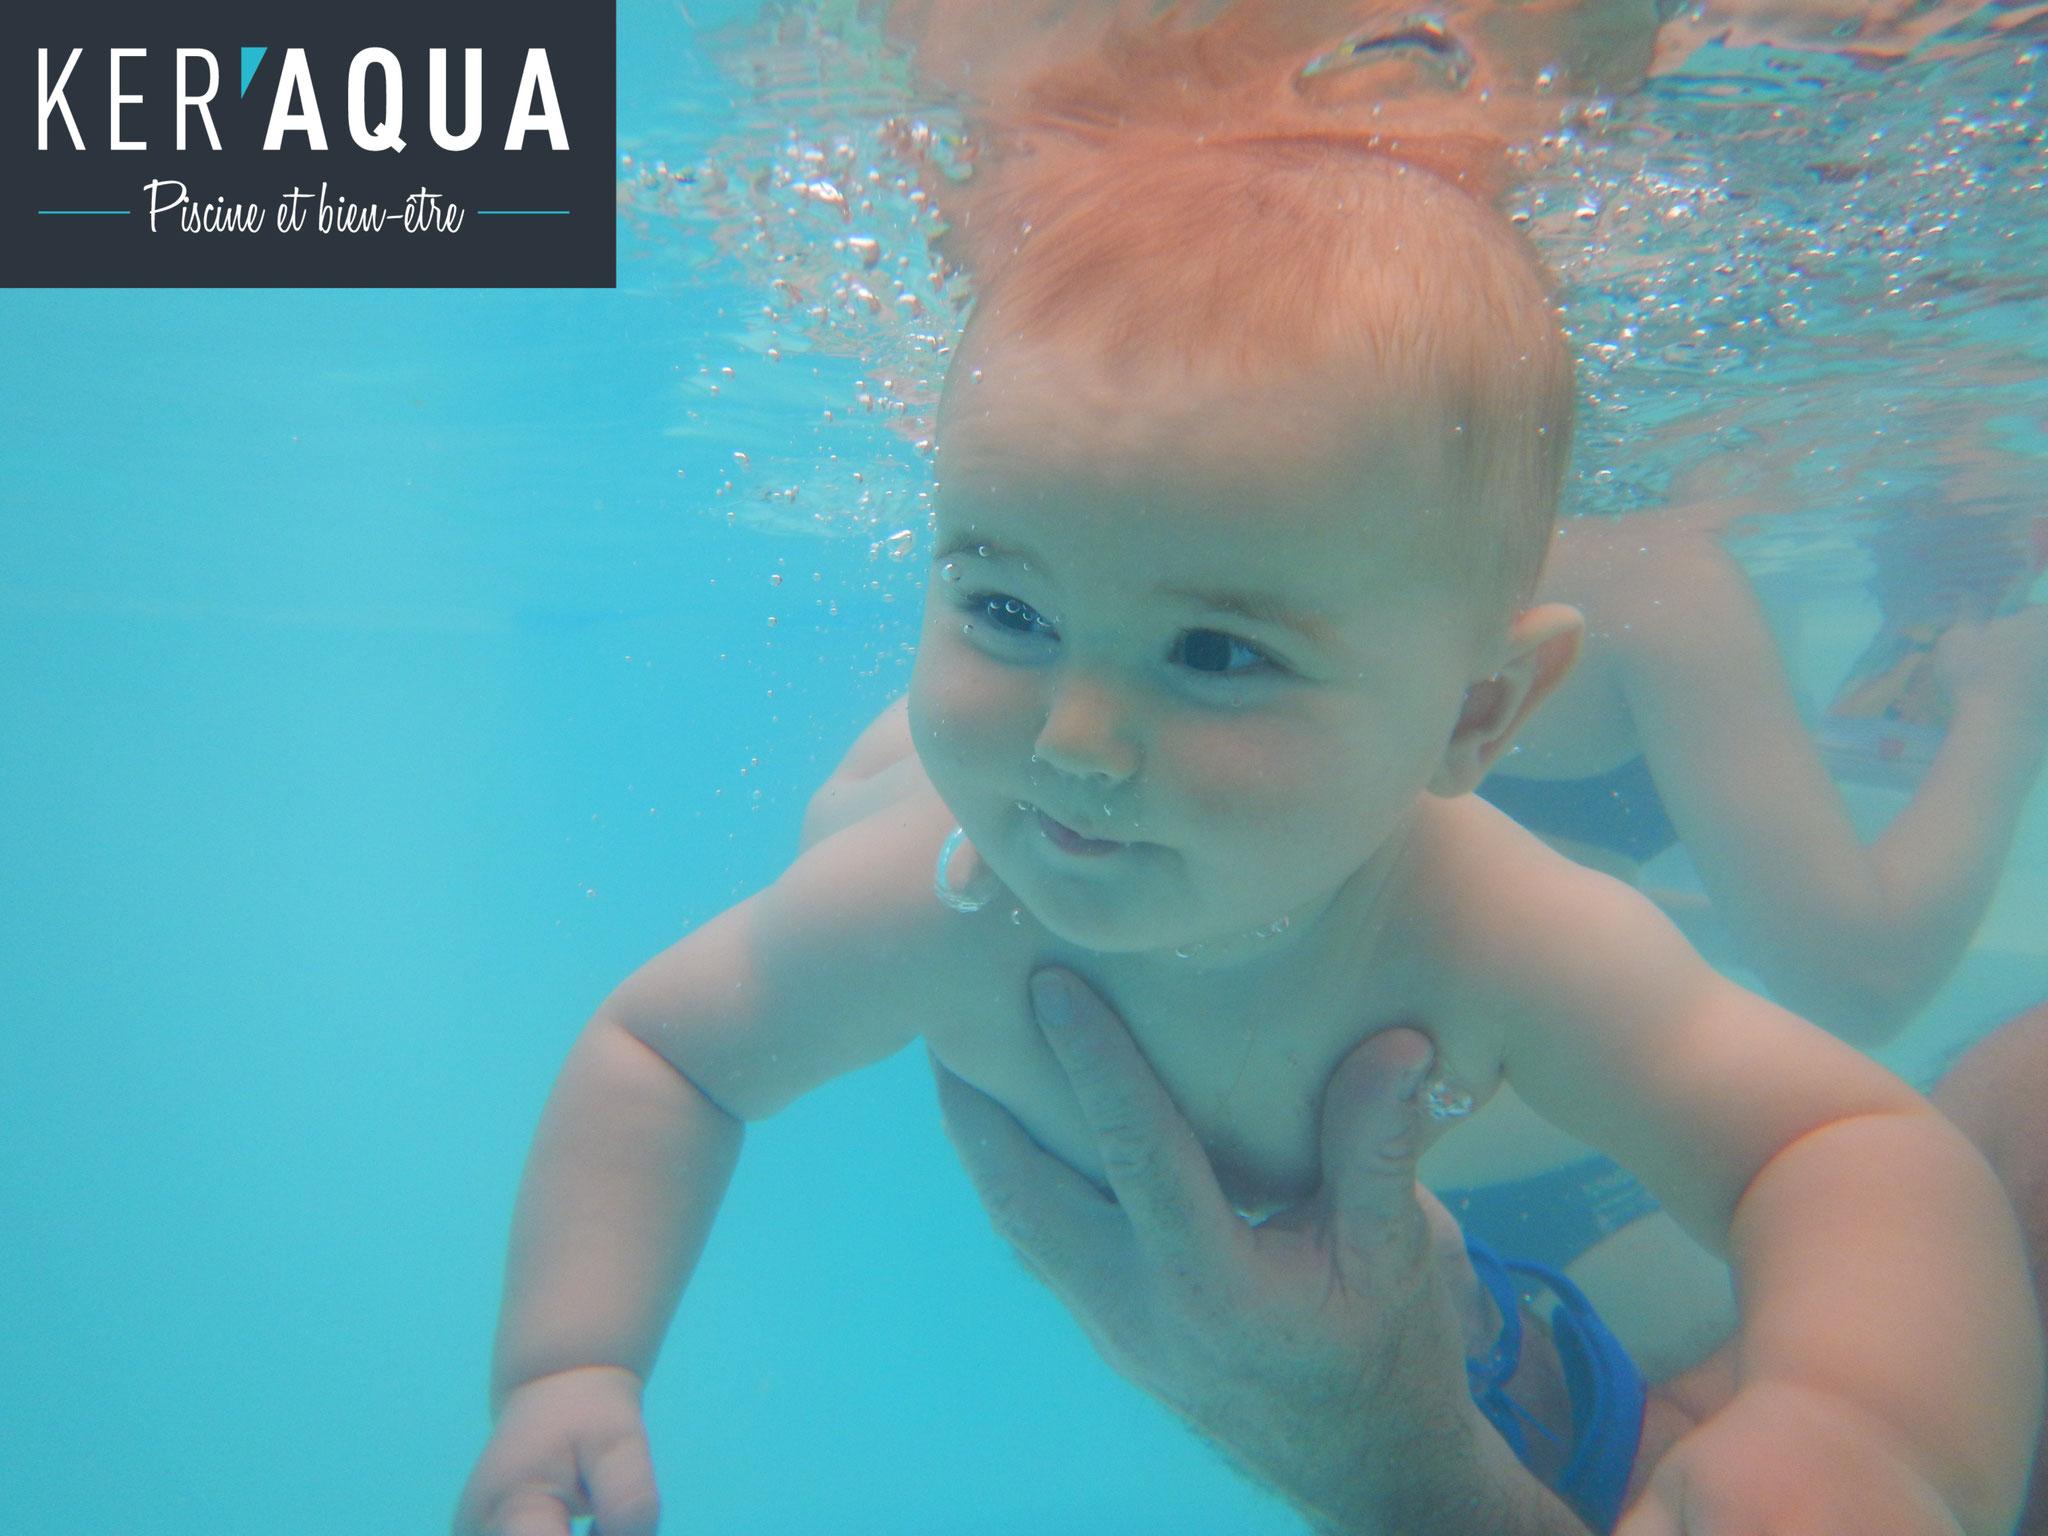 enfants sous l'eau keraqua